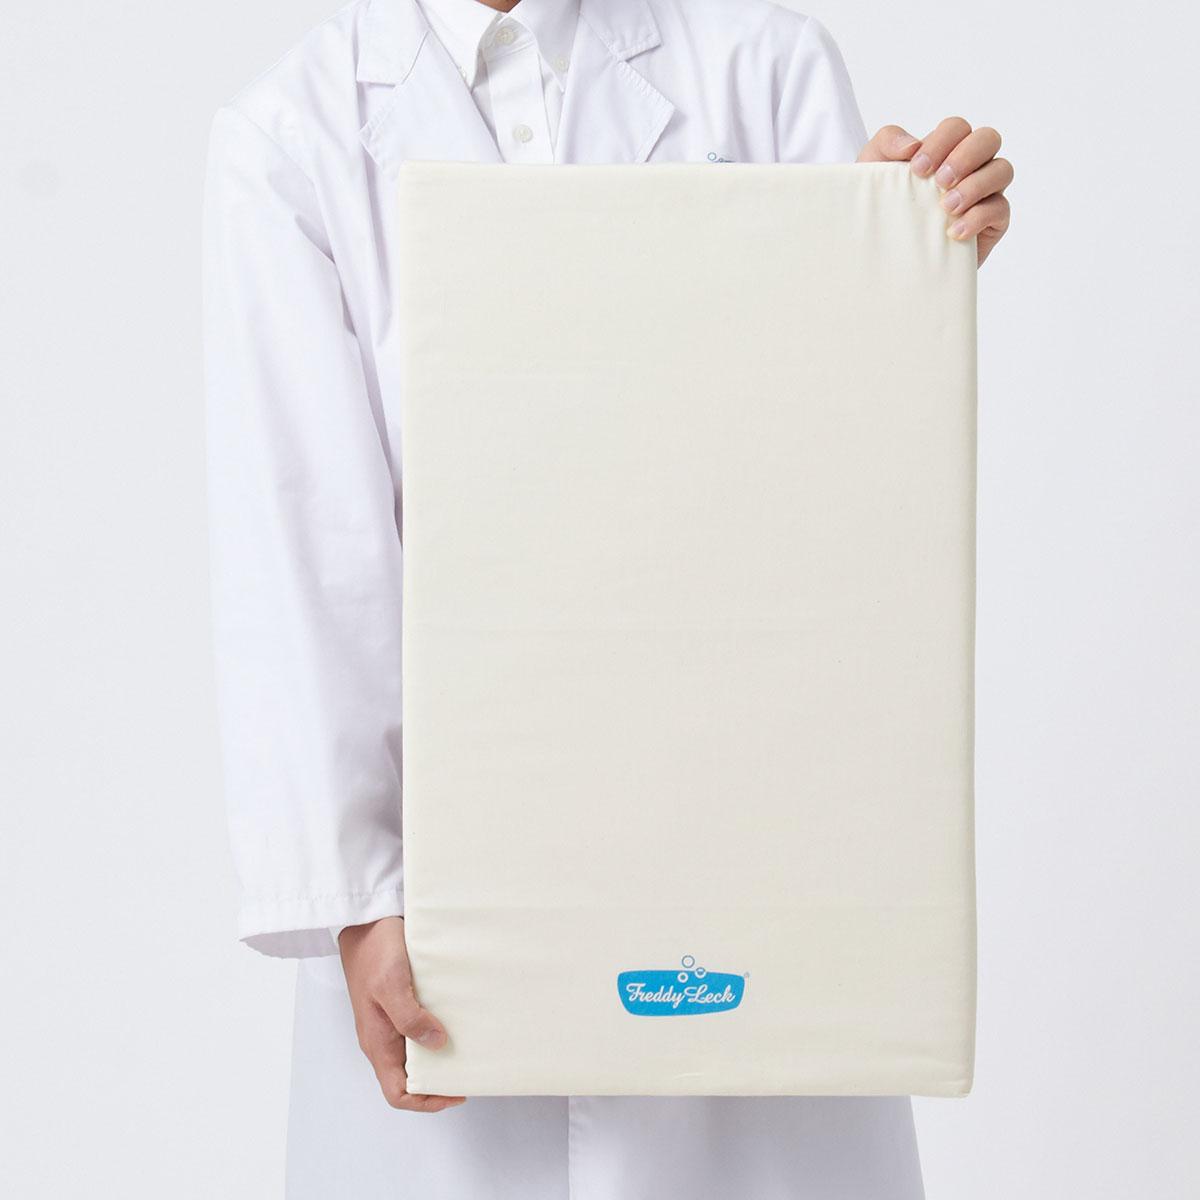 裏面に壁紙のデザインを使用。インテリアにもなるアイロンボード。